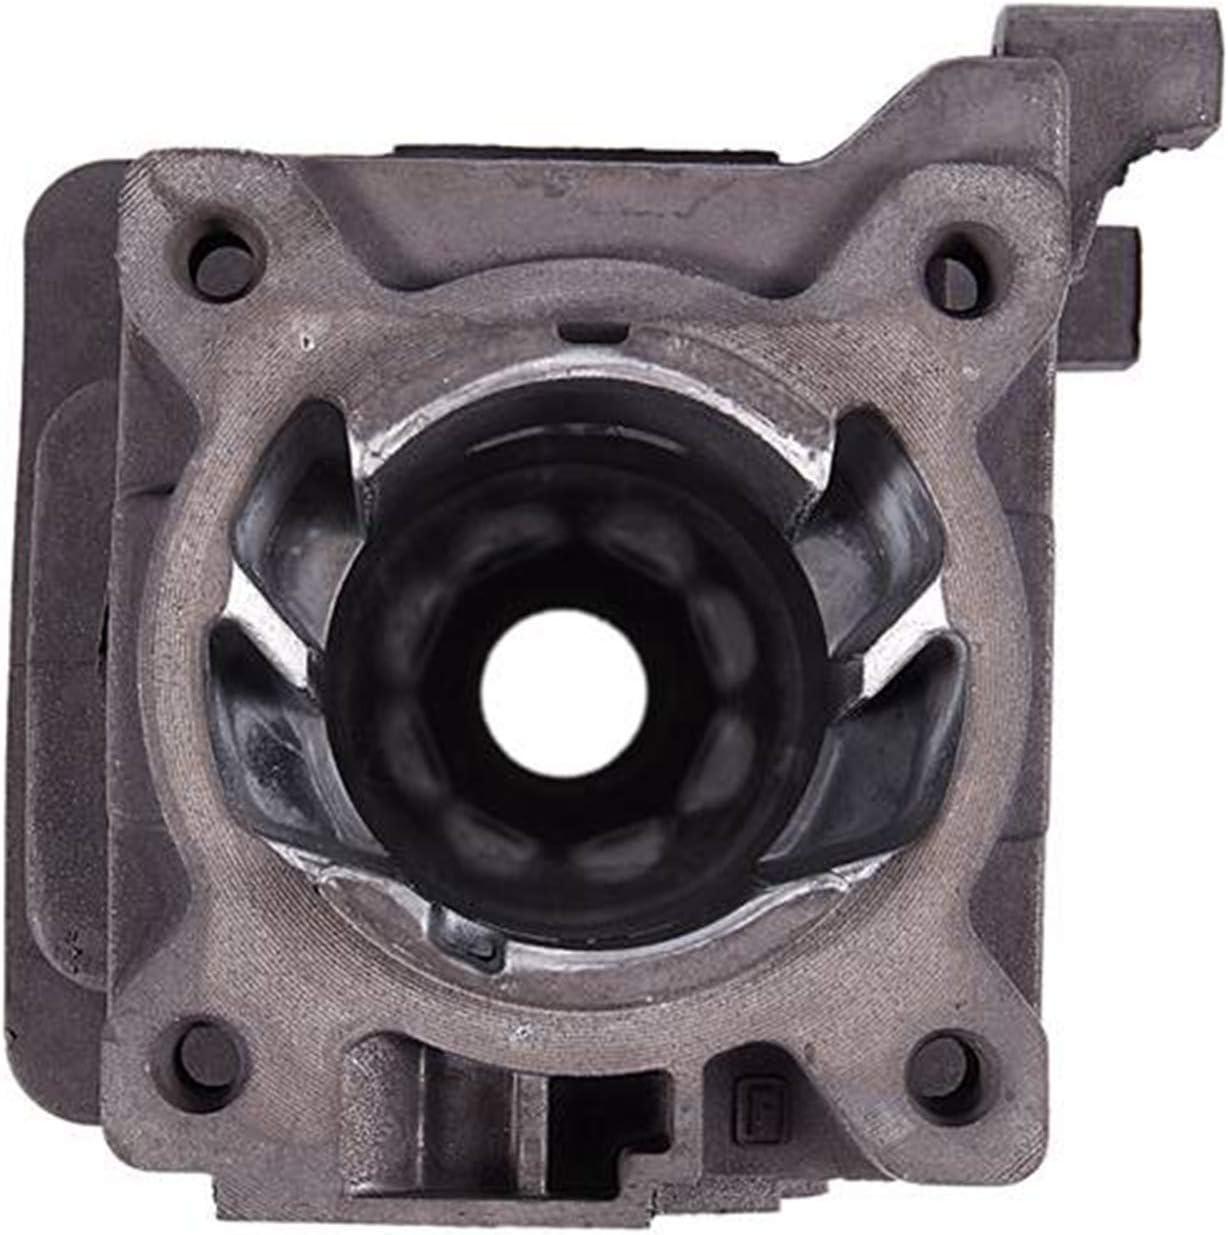 Lopbinte Cylinder Piston Kit 34Mm for FS55 FS45 BR45 HL45 Trimmer # 4140 020 1202